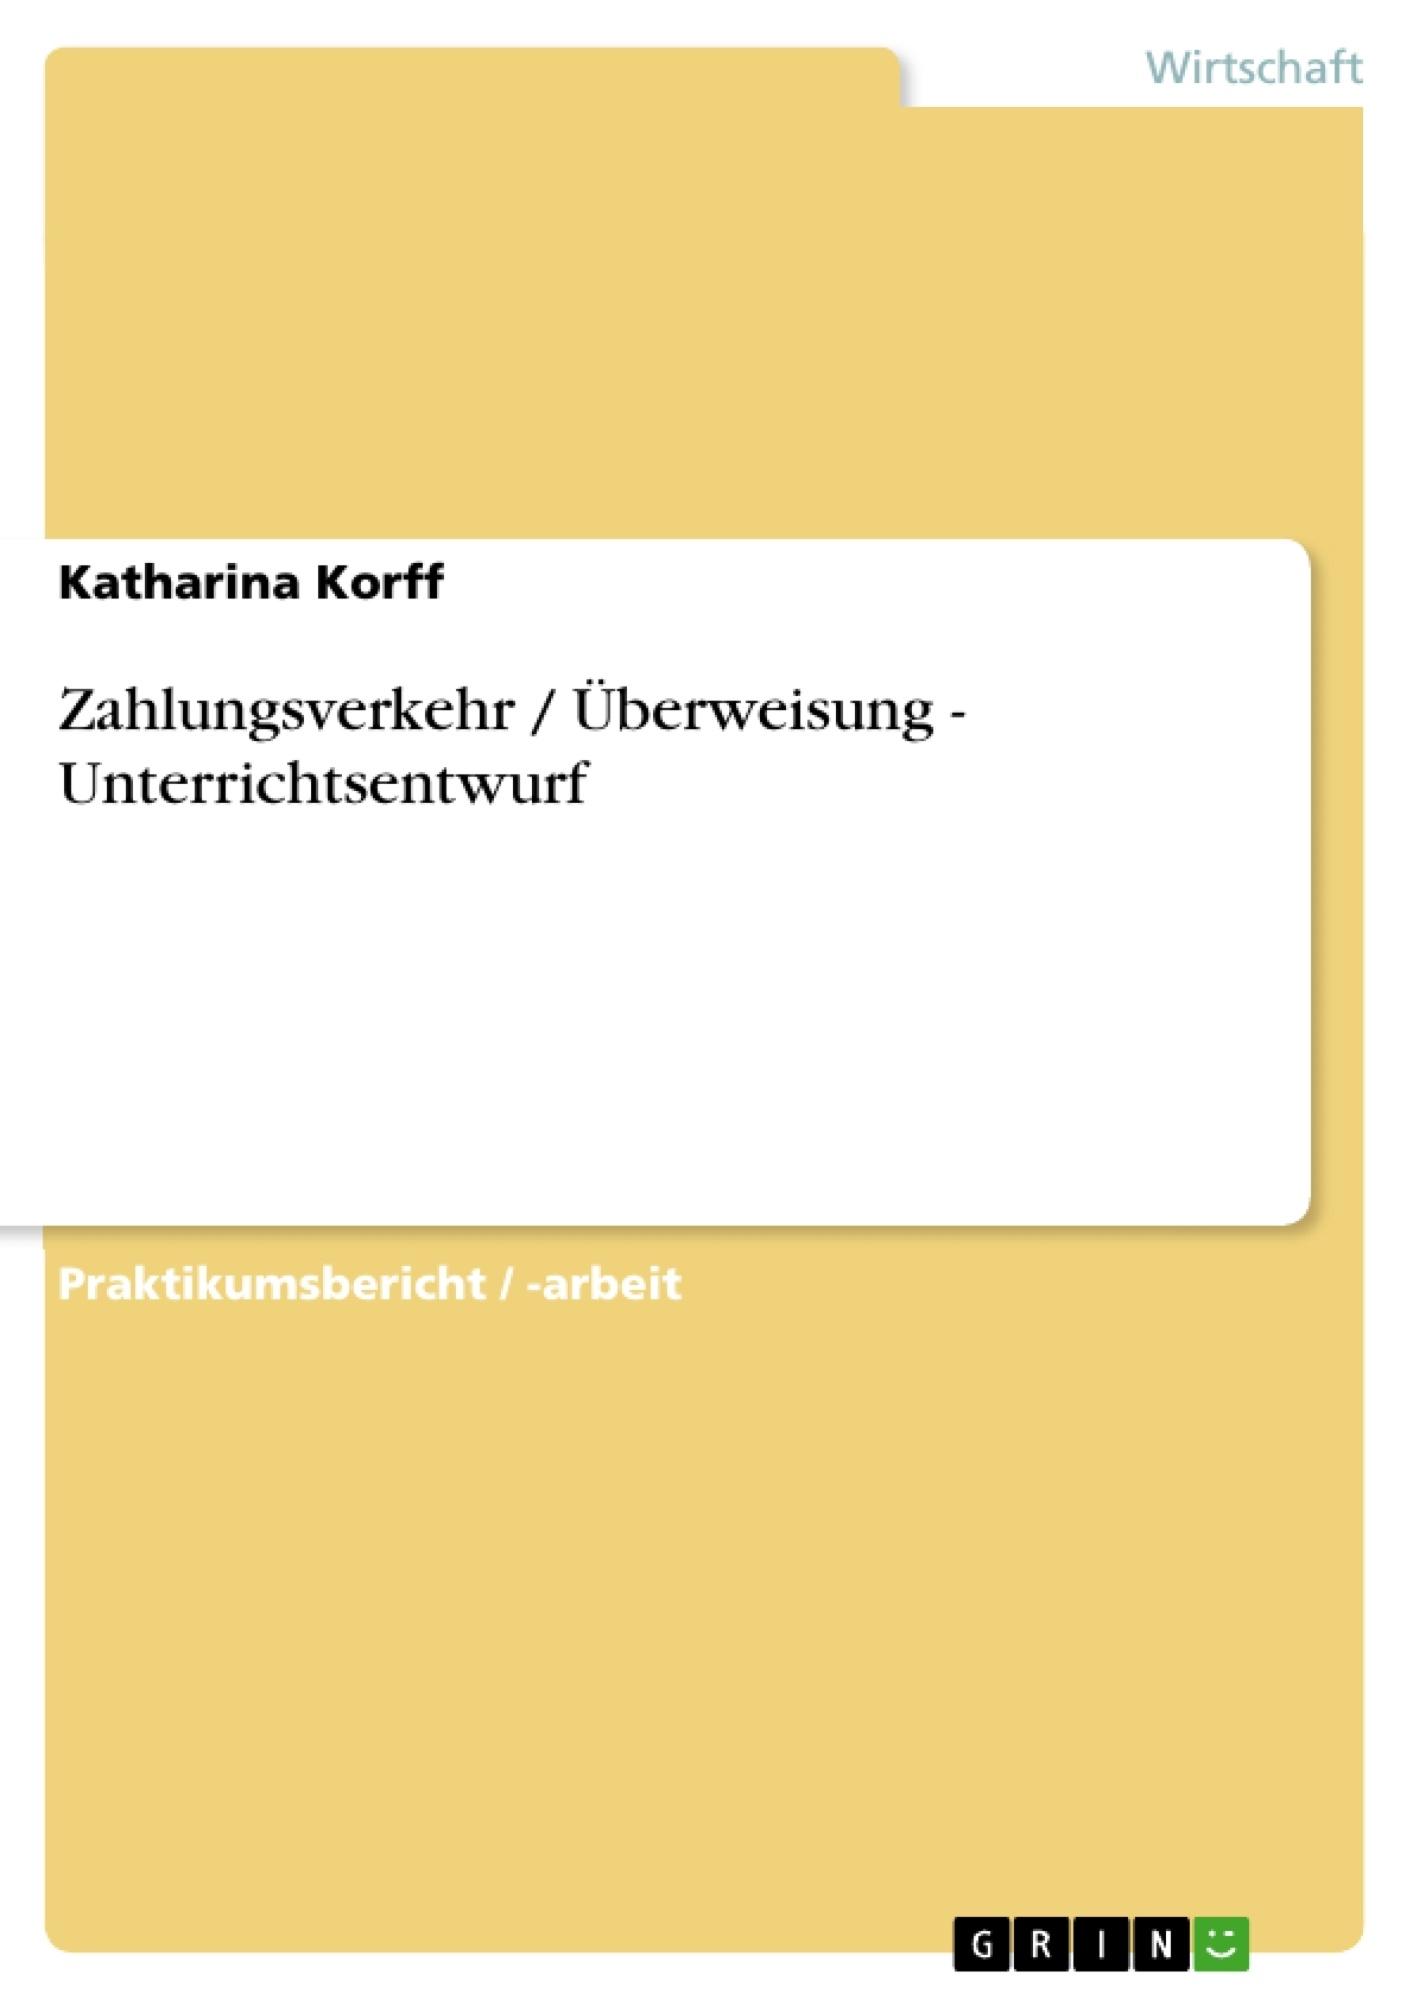 Titel: Zahlungsverkehr / Überweisung - Unterrichtsentwurf